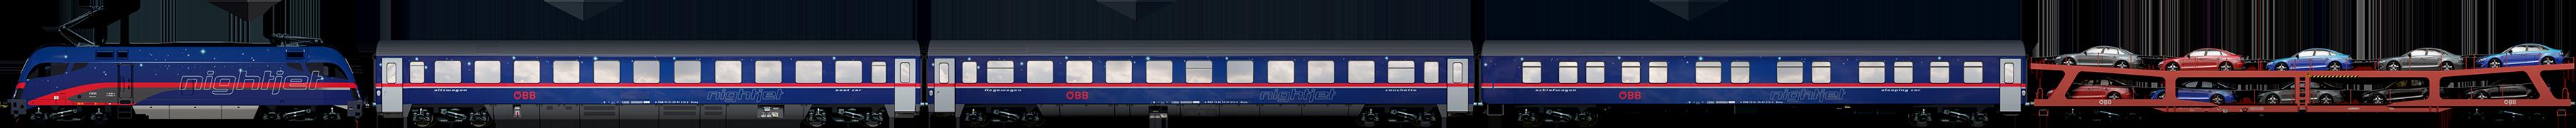 Www.nightjet.com Gewinnspiel